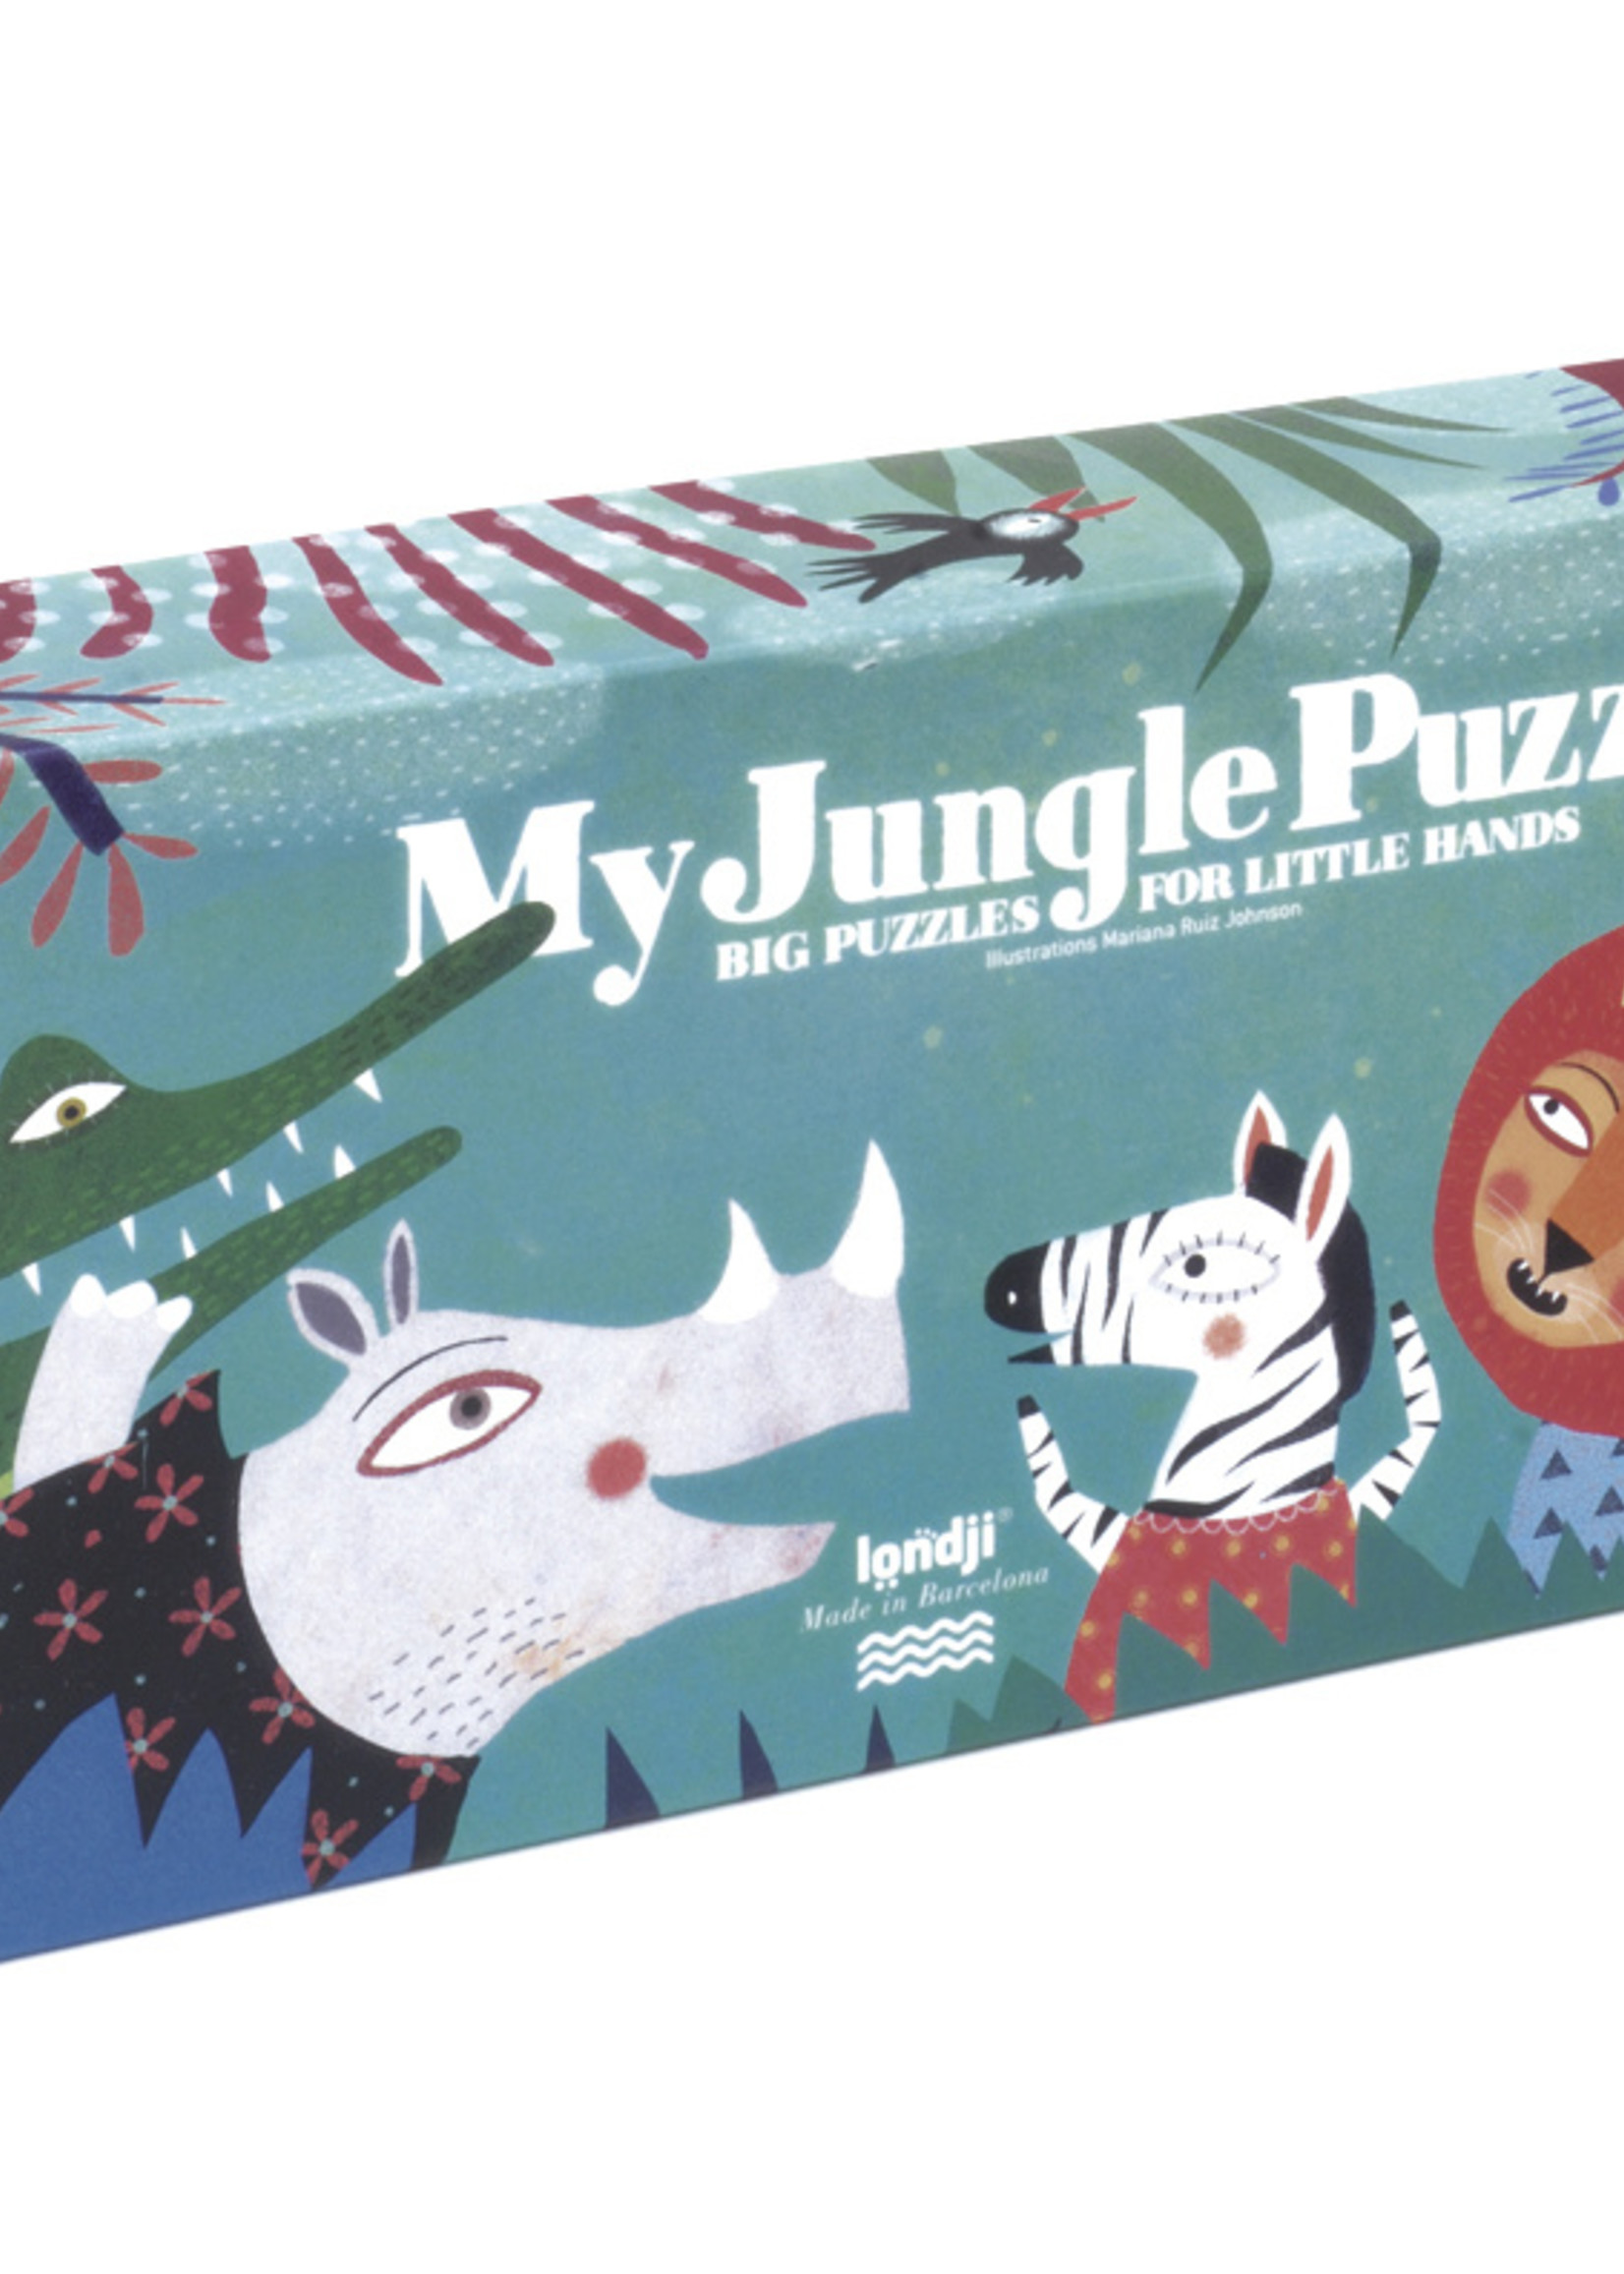 Londji Puzzle - My Jungle